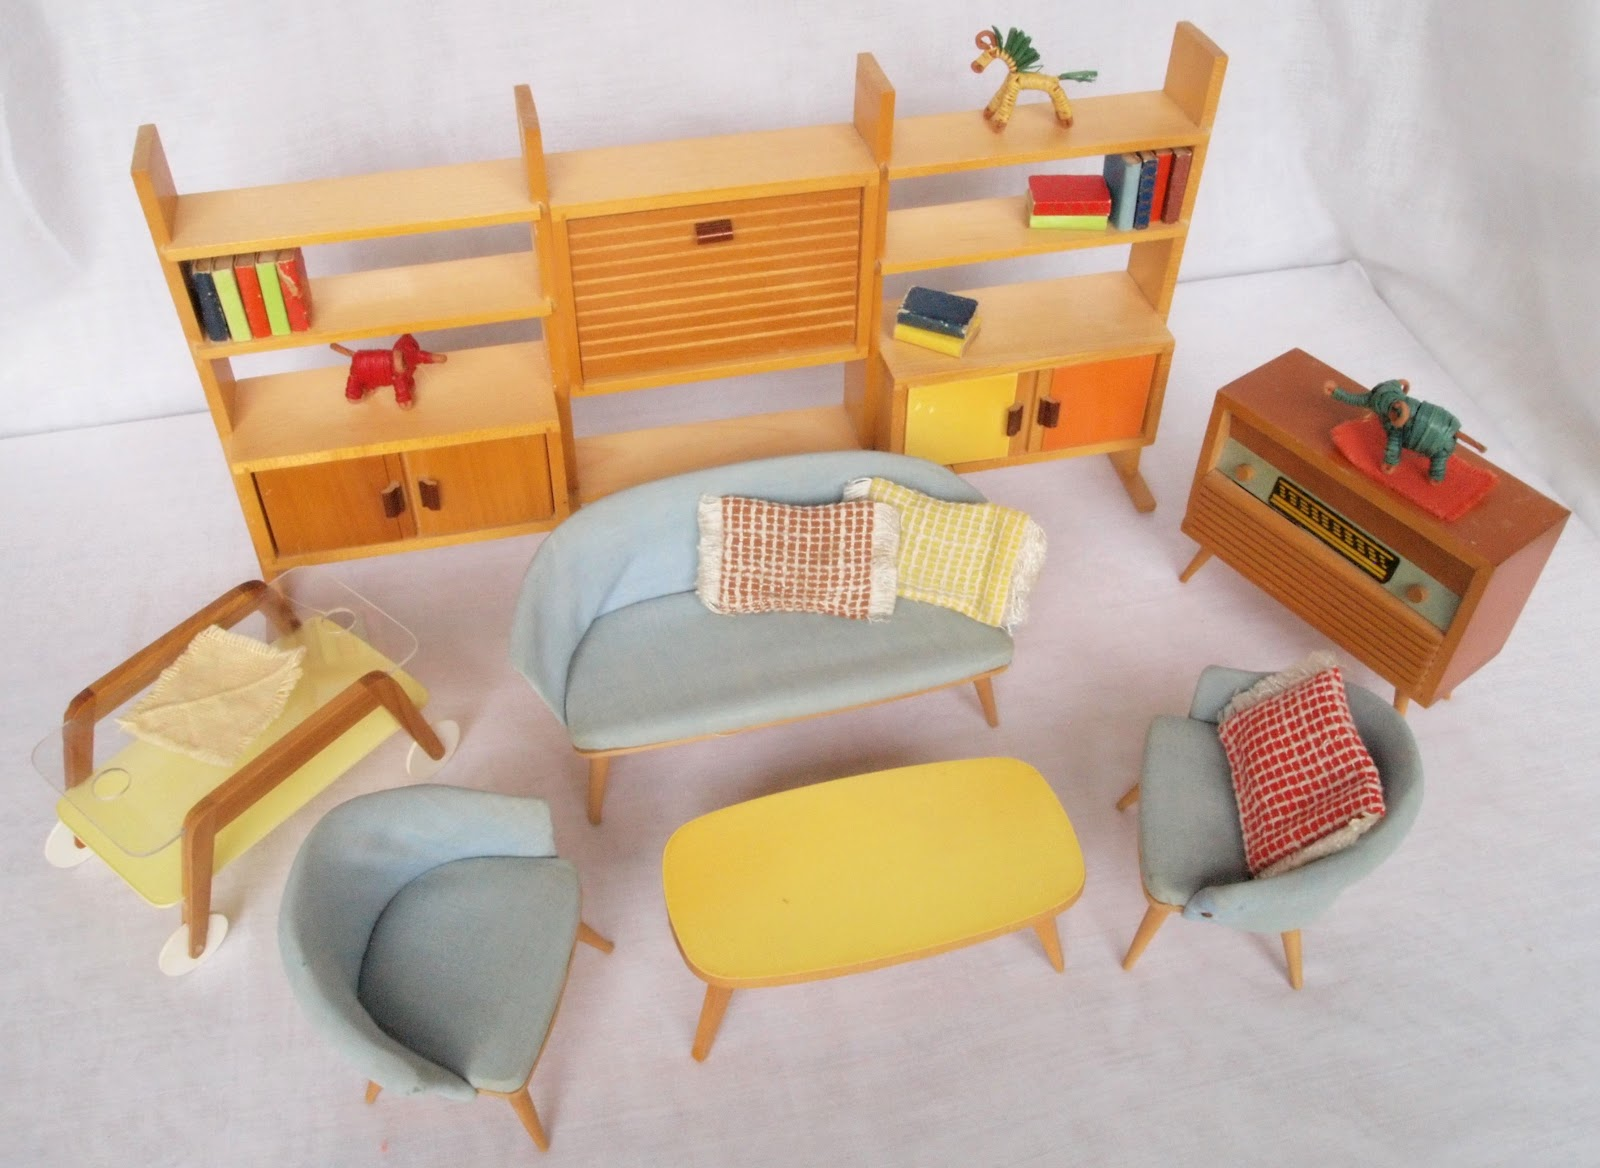 Diepuppenstubensammlerin 1950er wohnzimmer bodo hennig for Wohnzimmer 1950